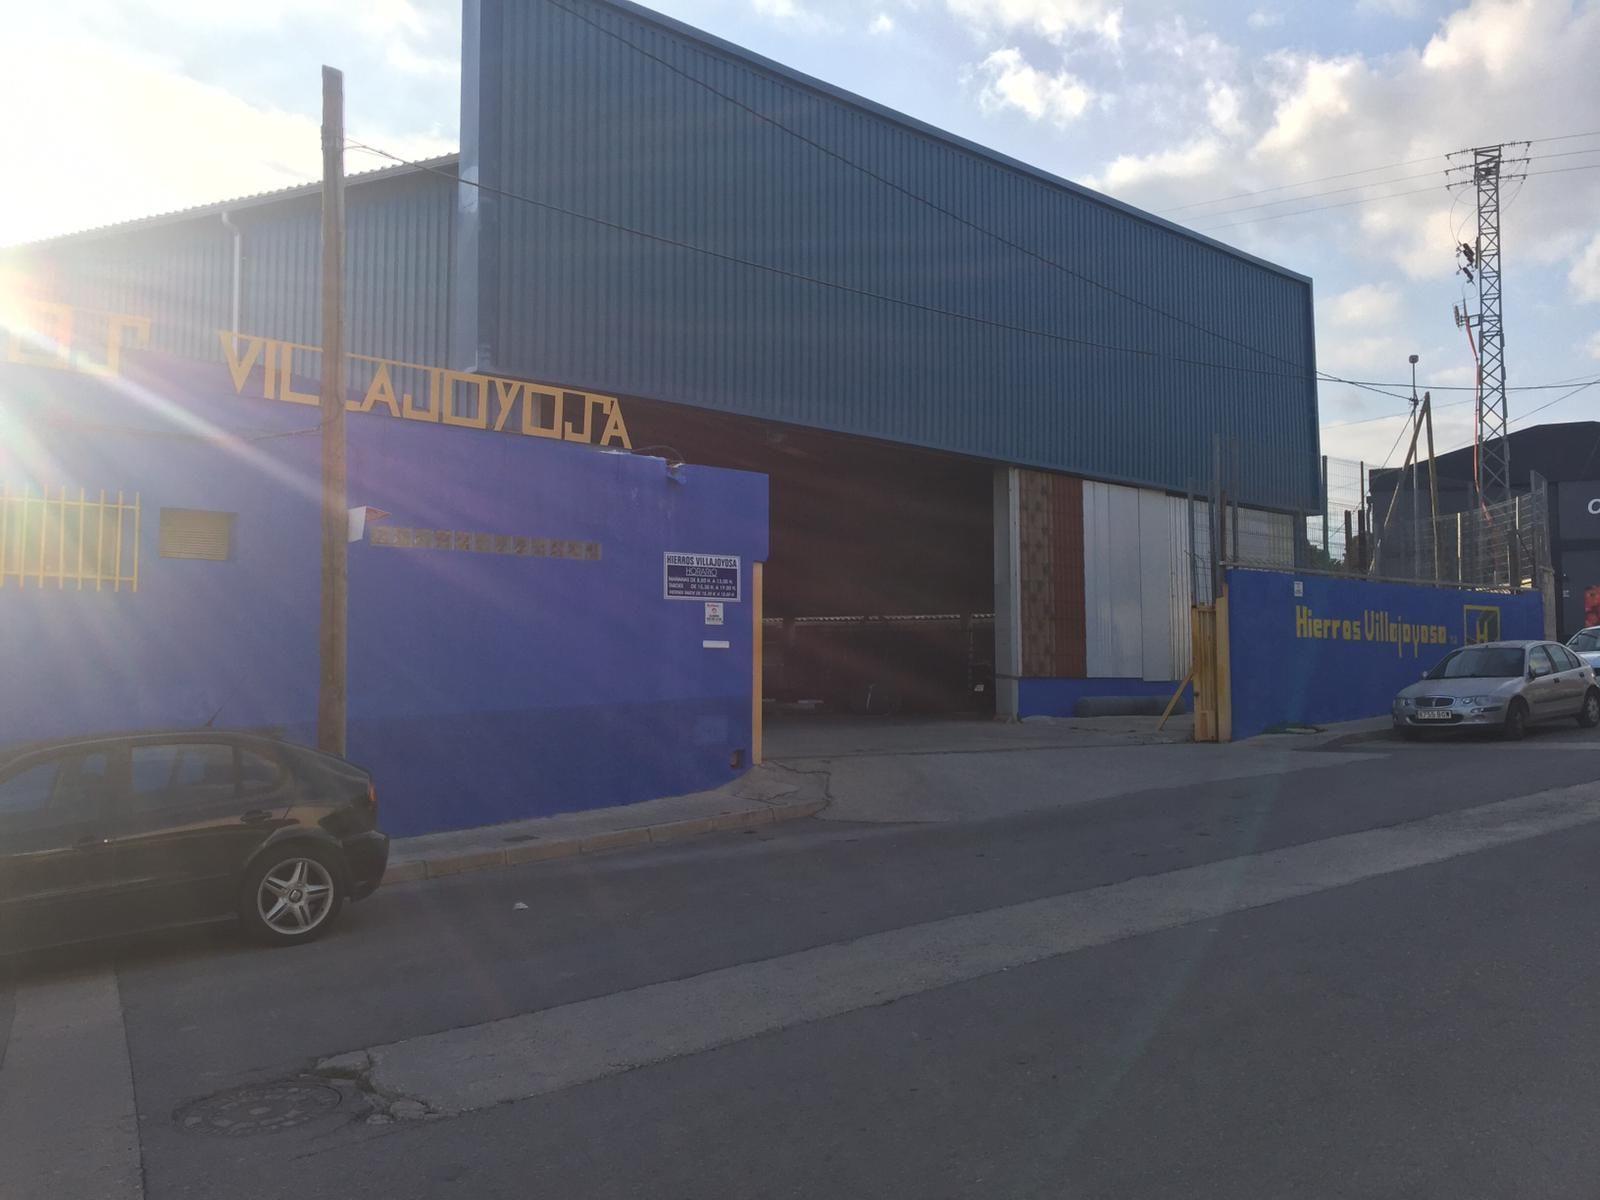 Foto 6 de Hierros (almacenes) en Villajoyosa | Hierros Villajoyosa, S.A.